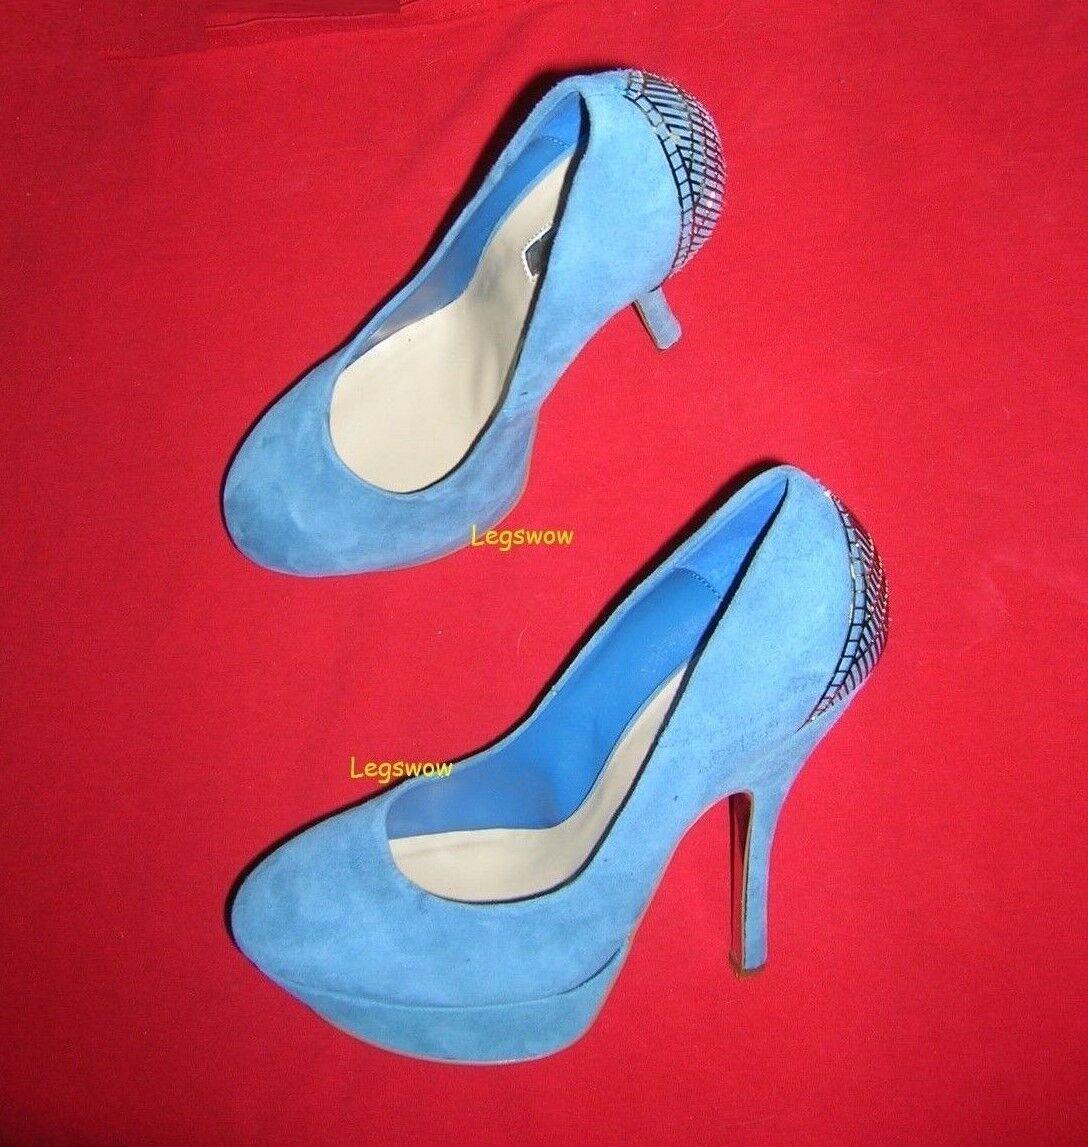 H By Halston Cuero 5.5  Stiletto Zapatos Zapatos Zapatos de tacón para mujer 8.5 plataforma Bombas Azul Nuevo  hasta 42% de descuento